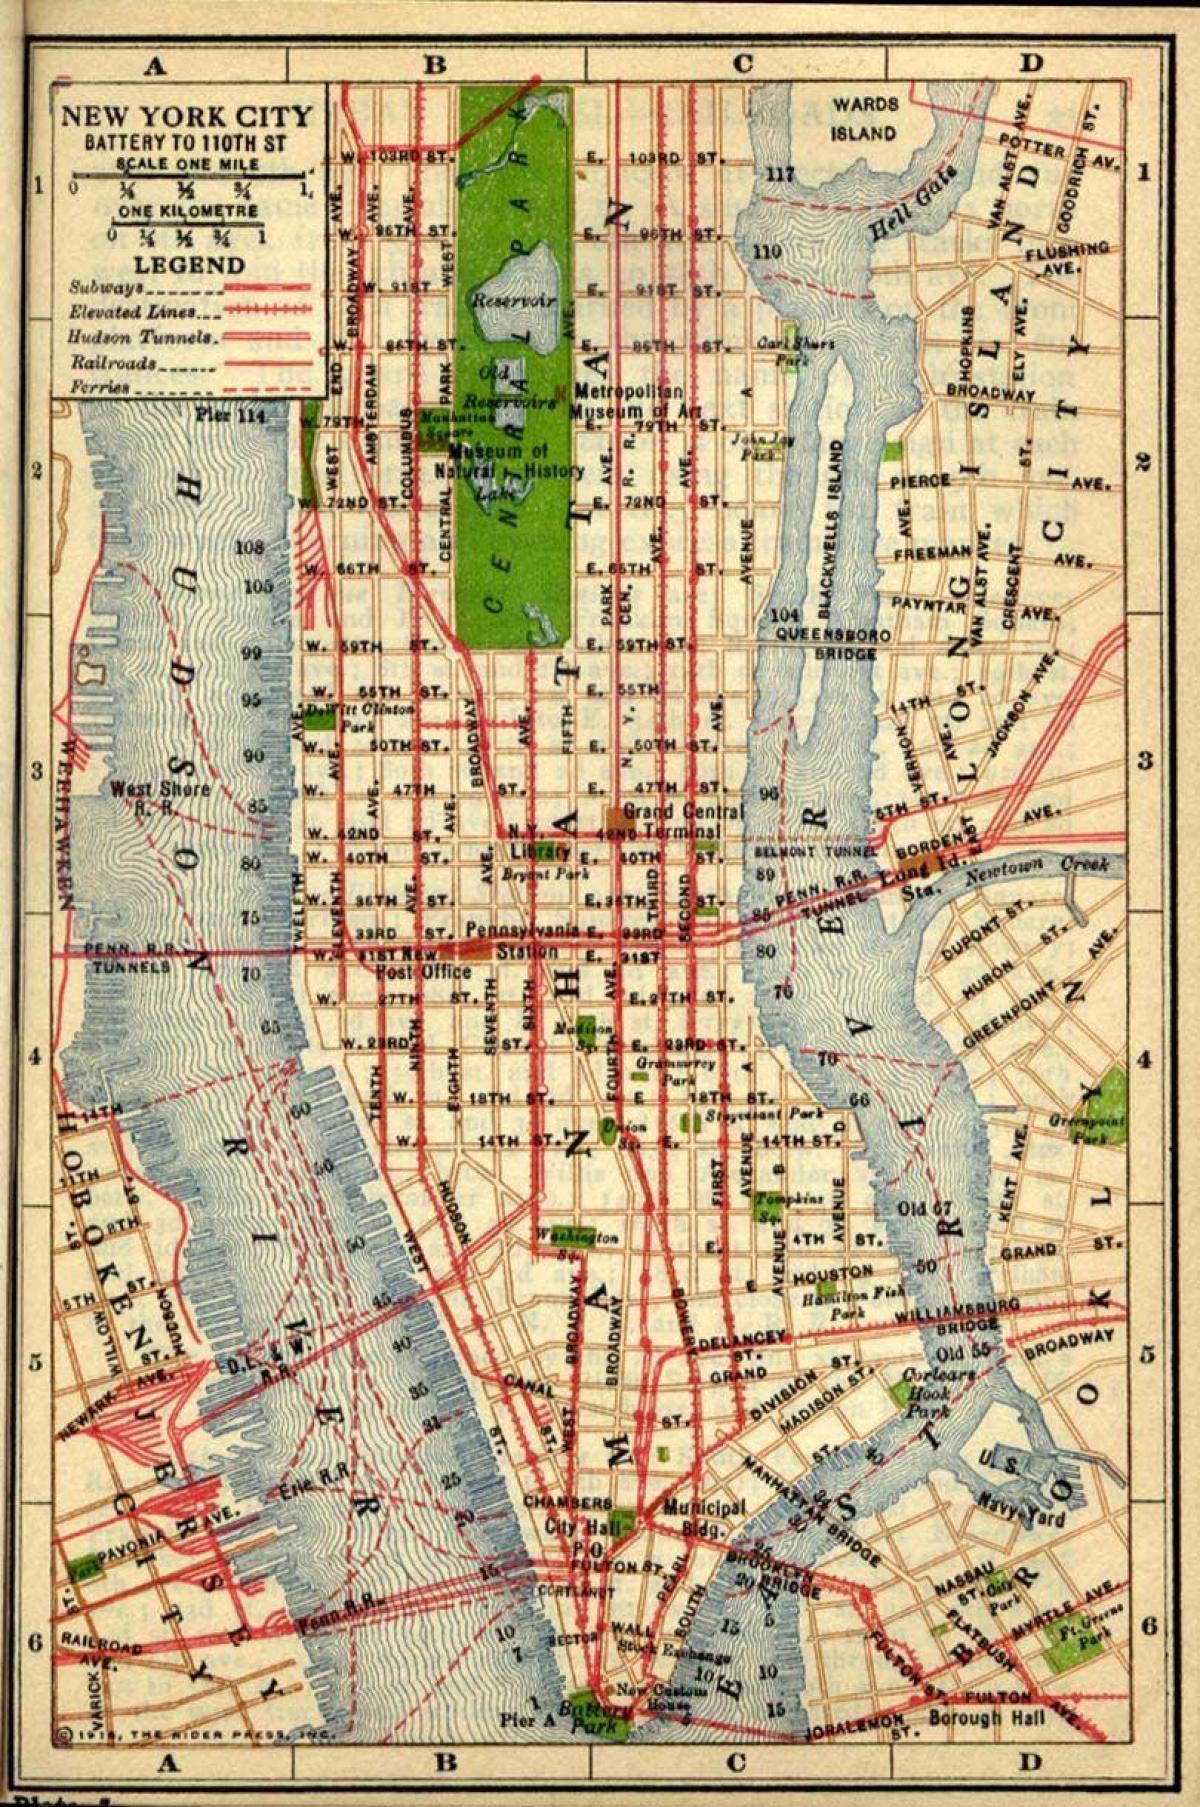 Alte Manhattan map - Karte des alten Manhattan (New York - USA)